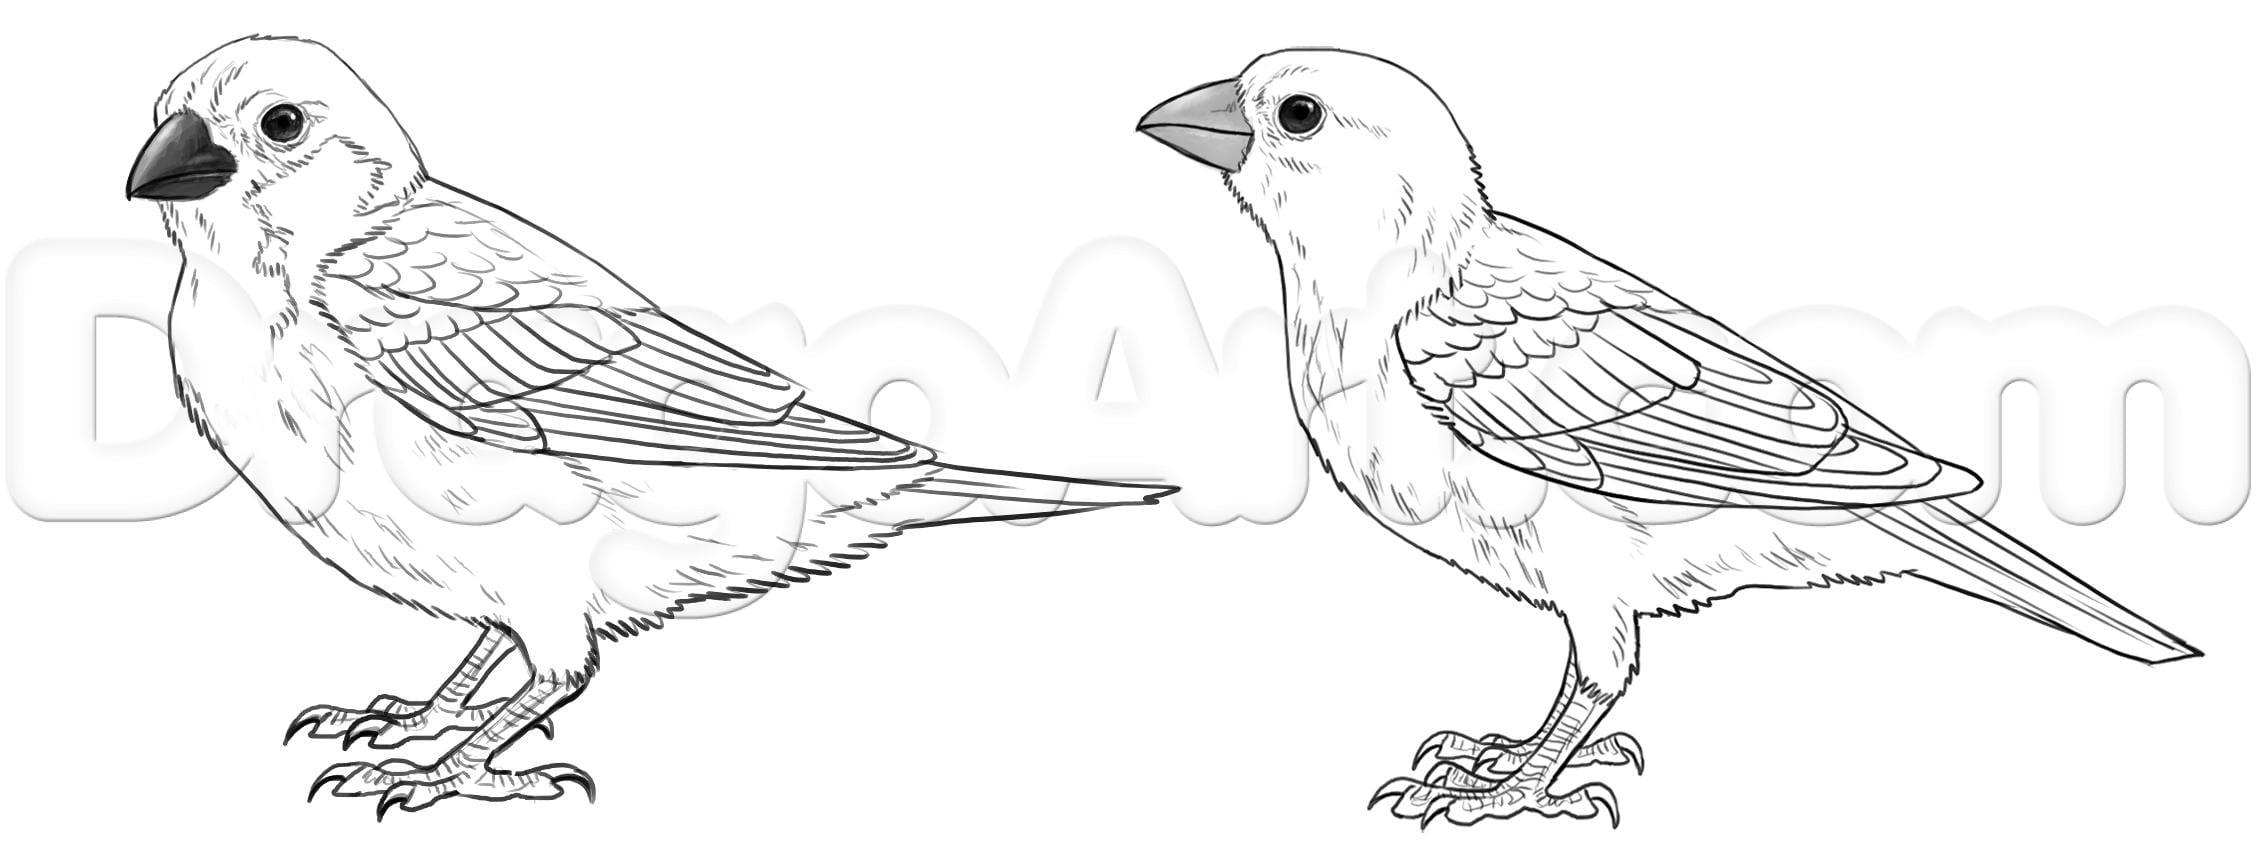 Как нарисовать воробья карандашом поэтапно